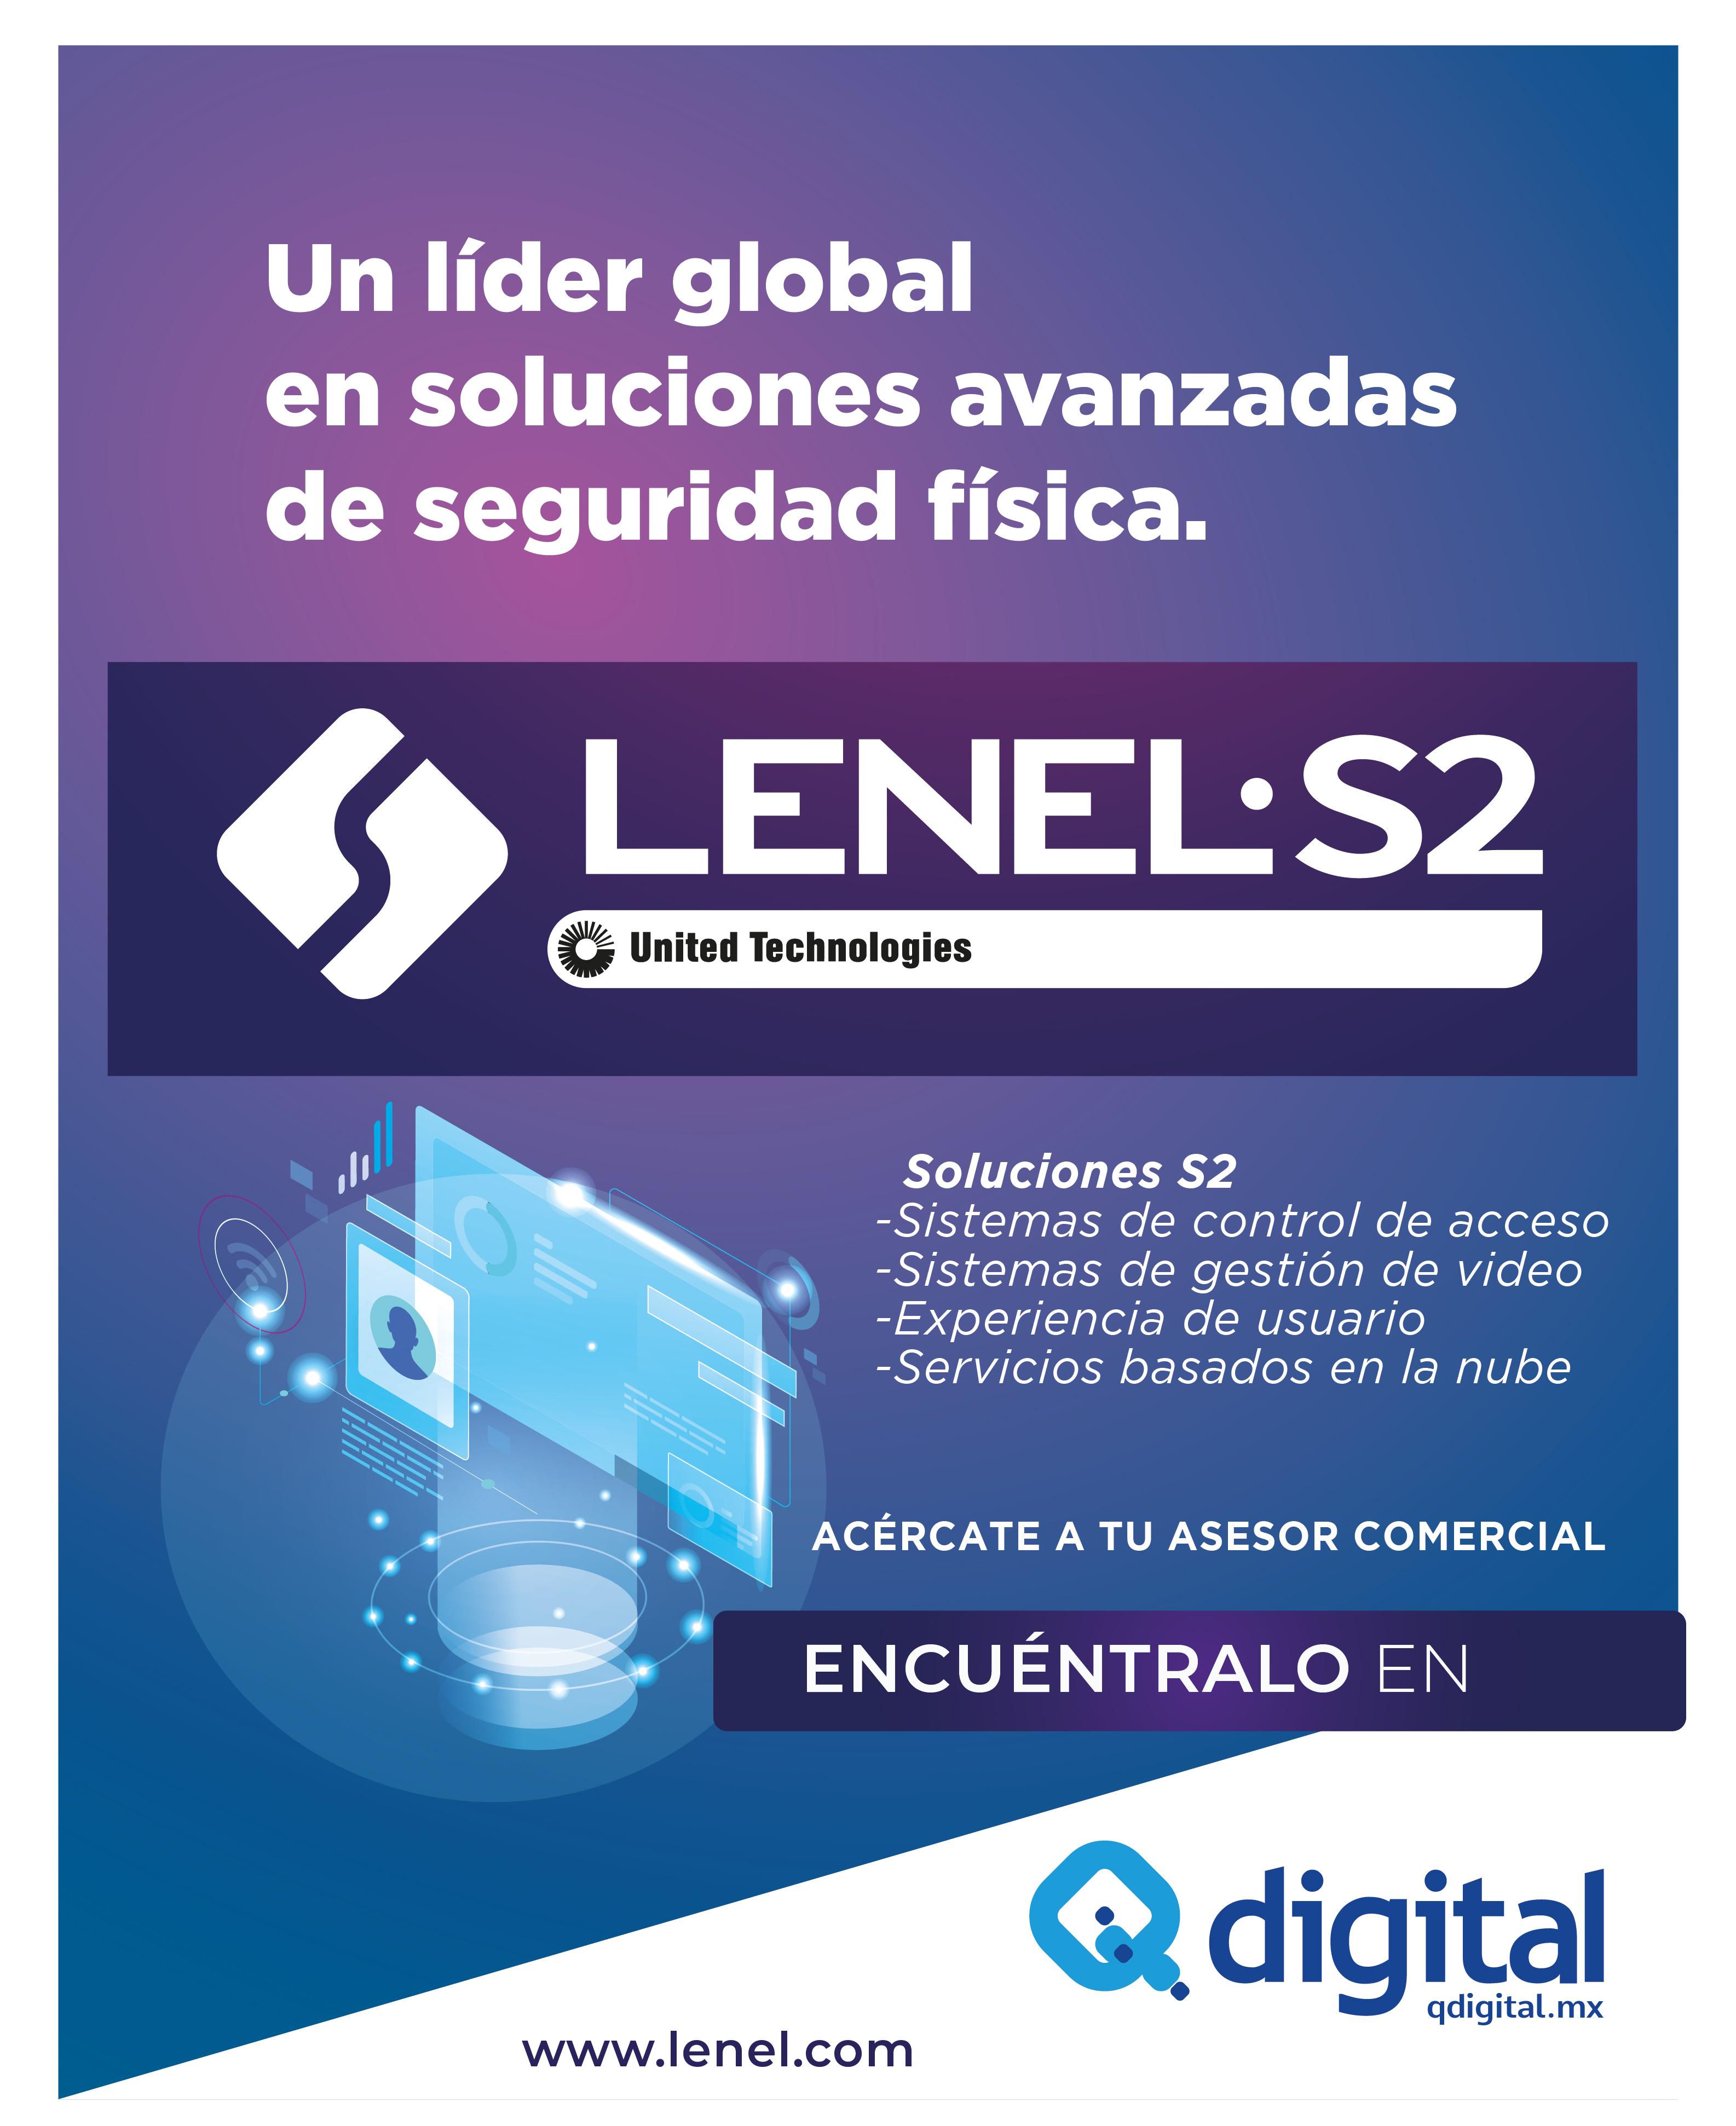 lenels2.jpg